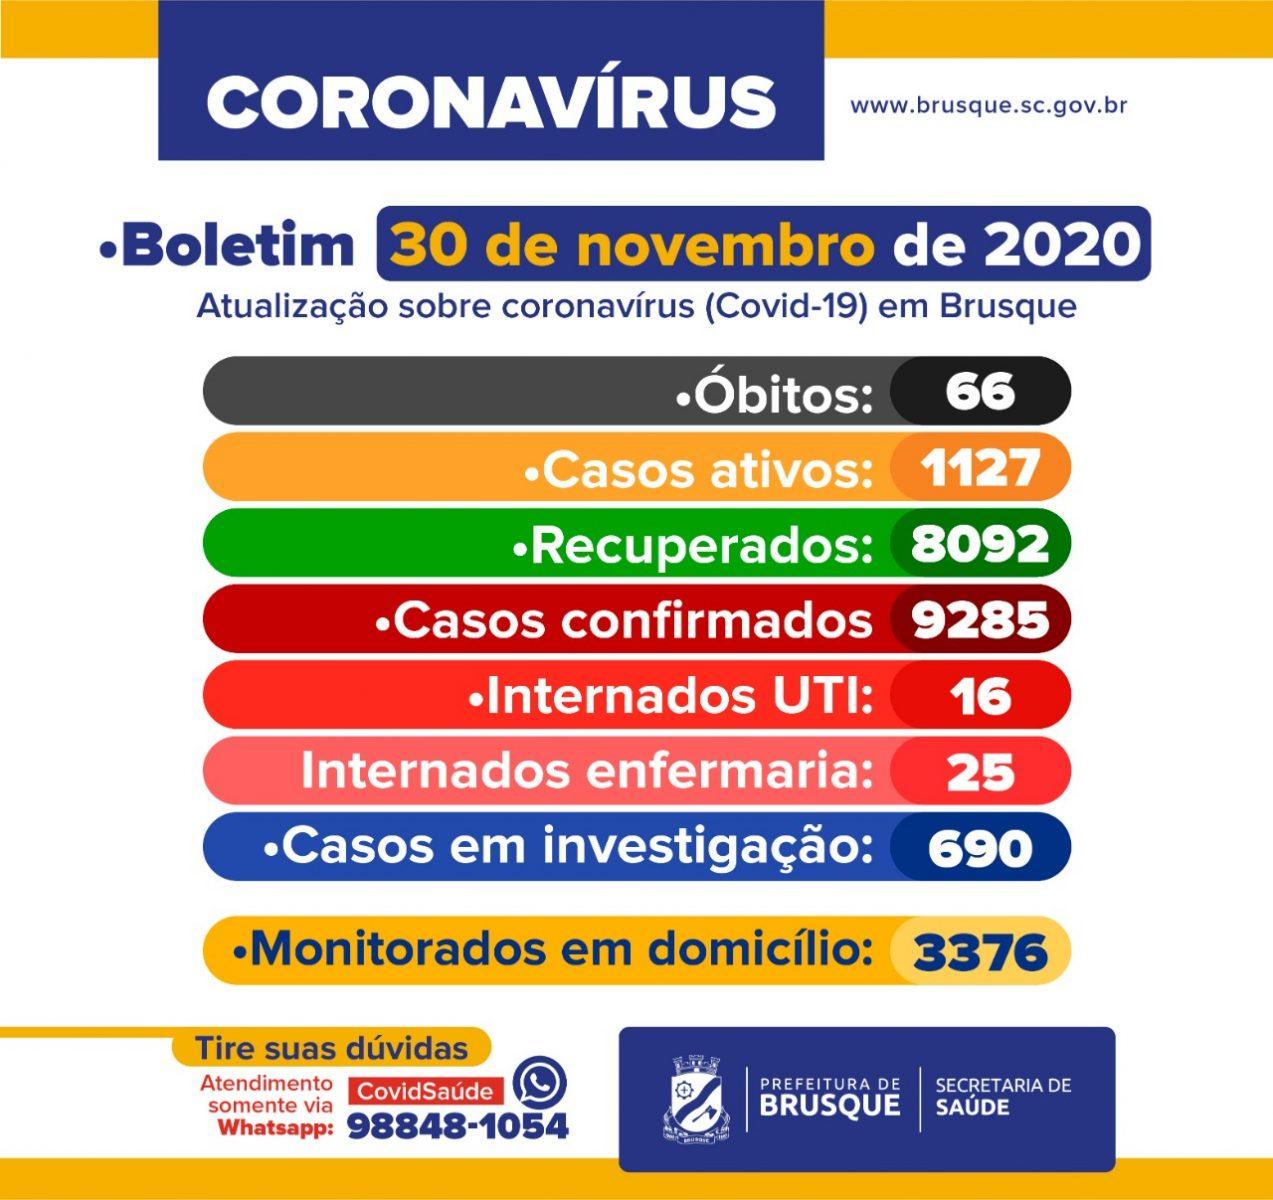 Confira o boletim epidemiológico desta segunda-feira, 30 de novembro